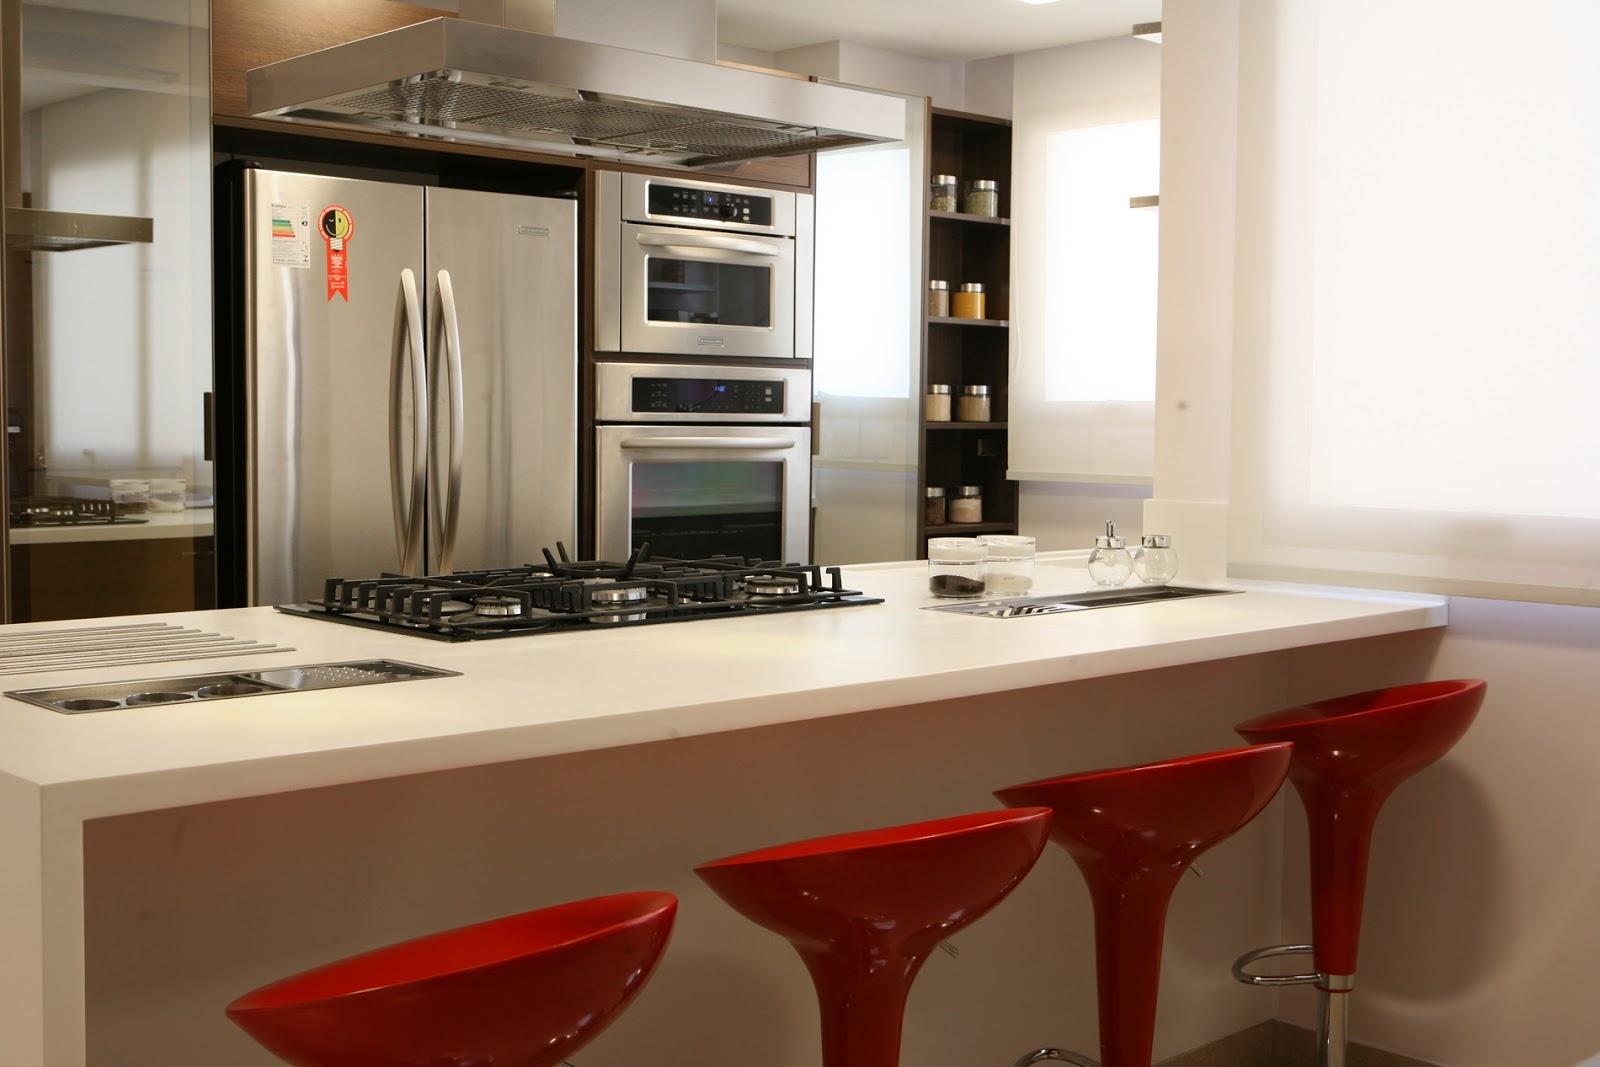 decorar uma cozinha : decorar uma cozinha: : IN CASA – Como decorar uma cozinha americana para receber amigos